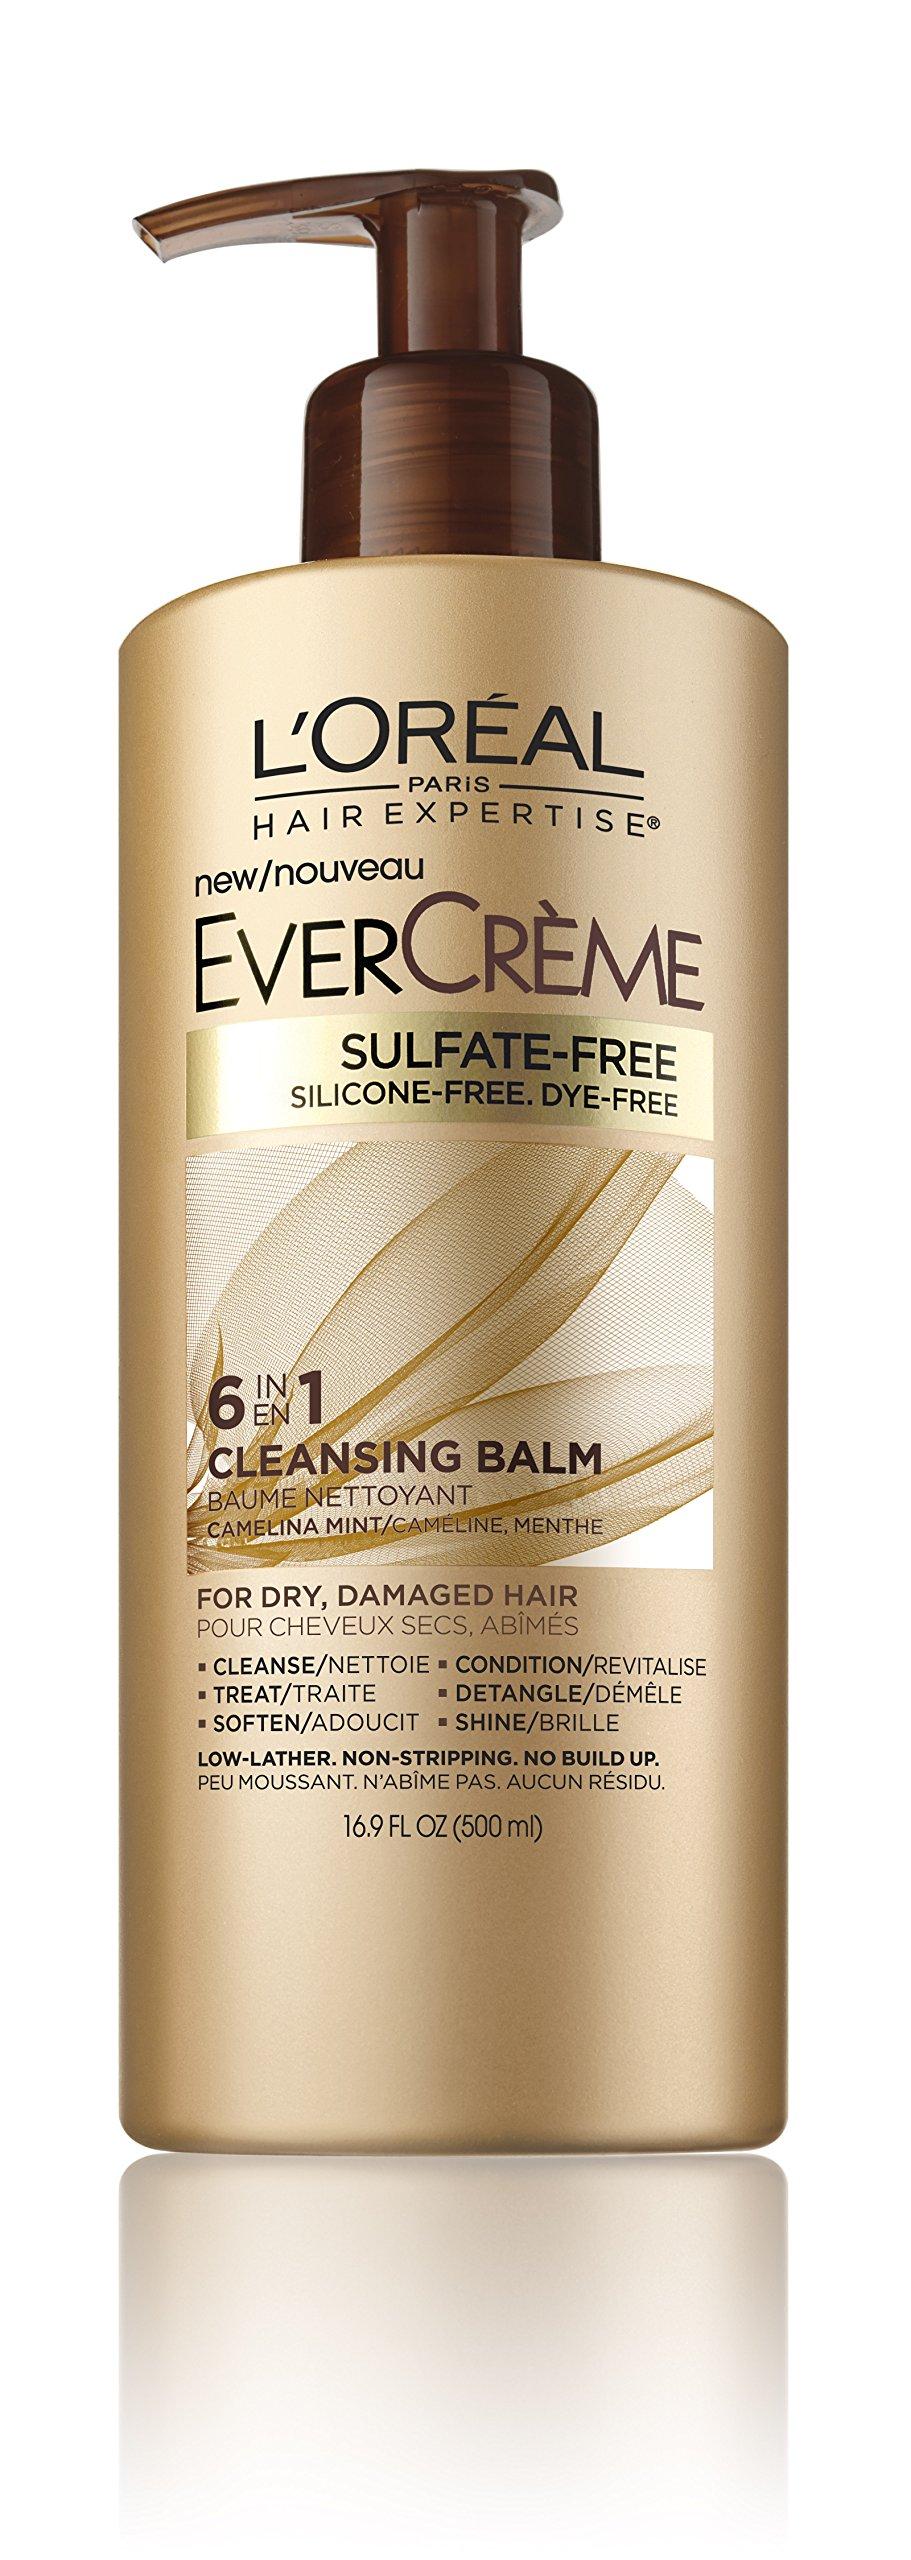 L'Oréal Paris EverCreme Cleansing Balm, 16.9 oz.